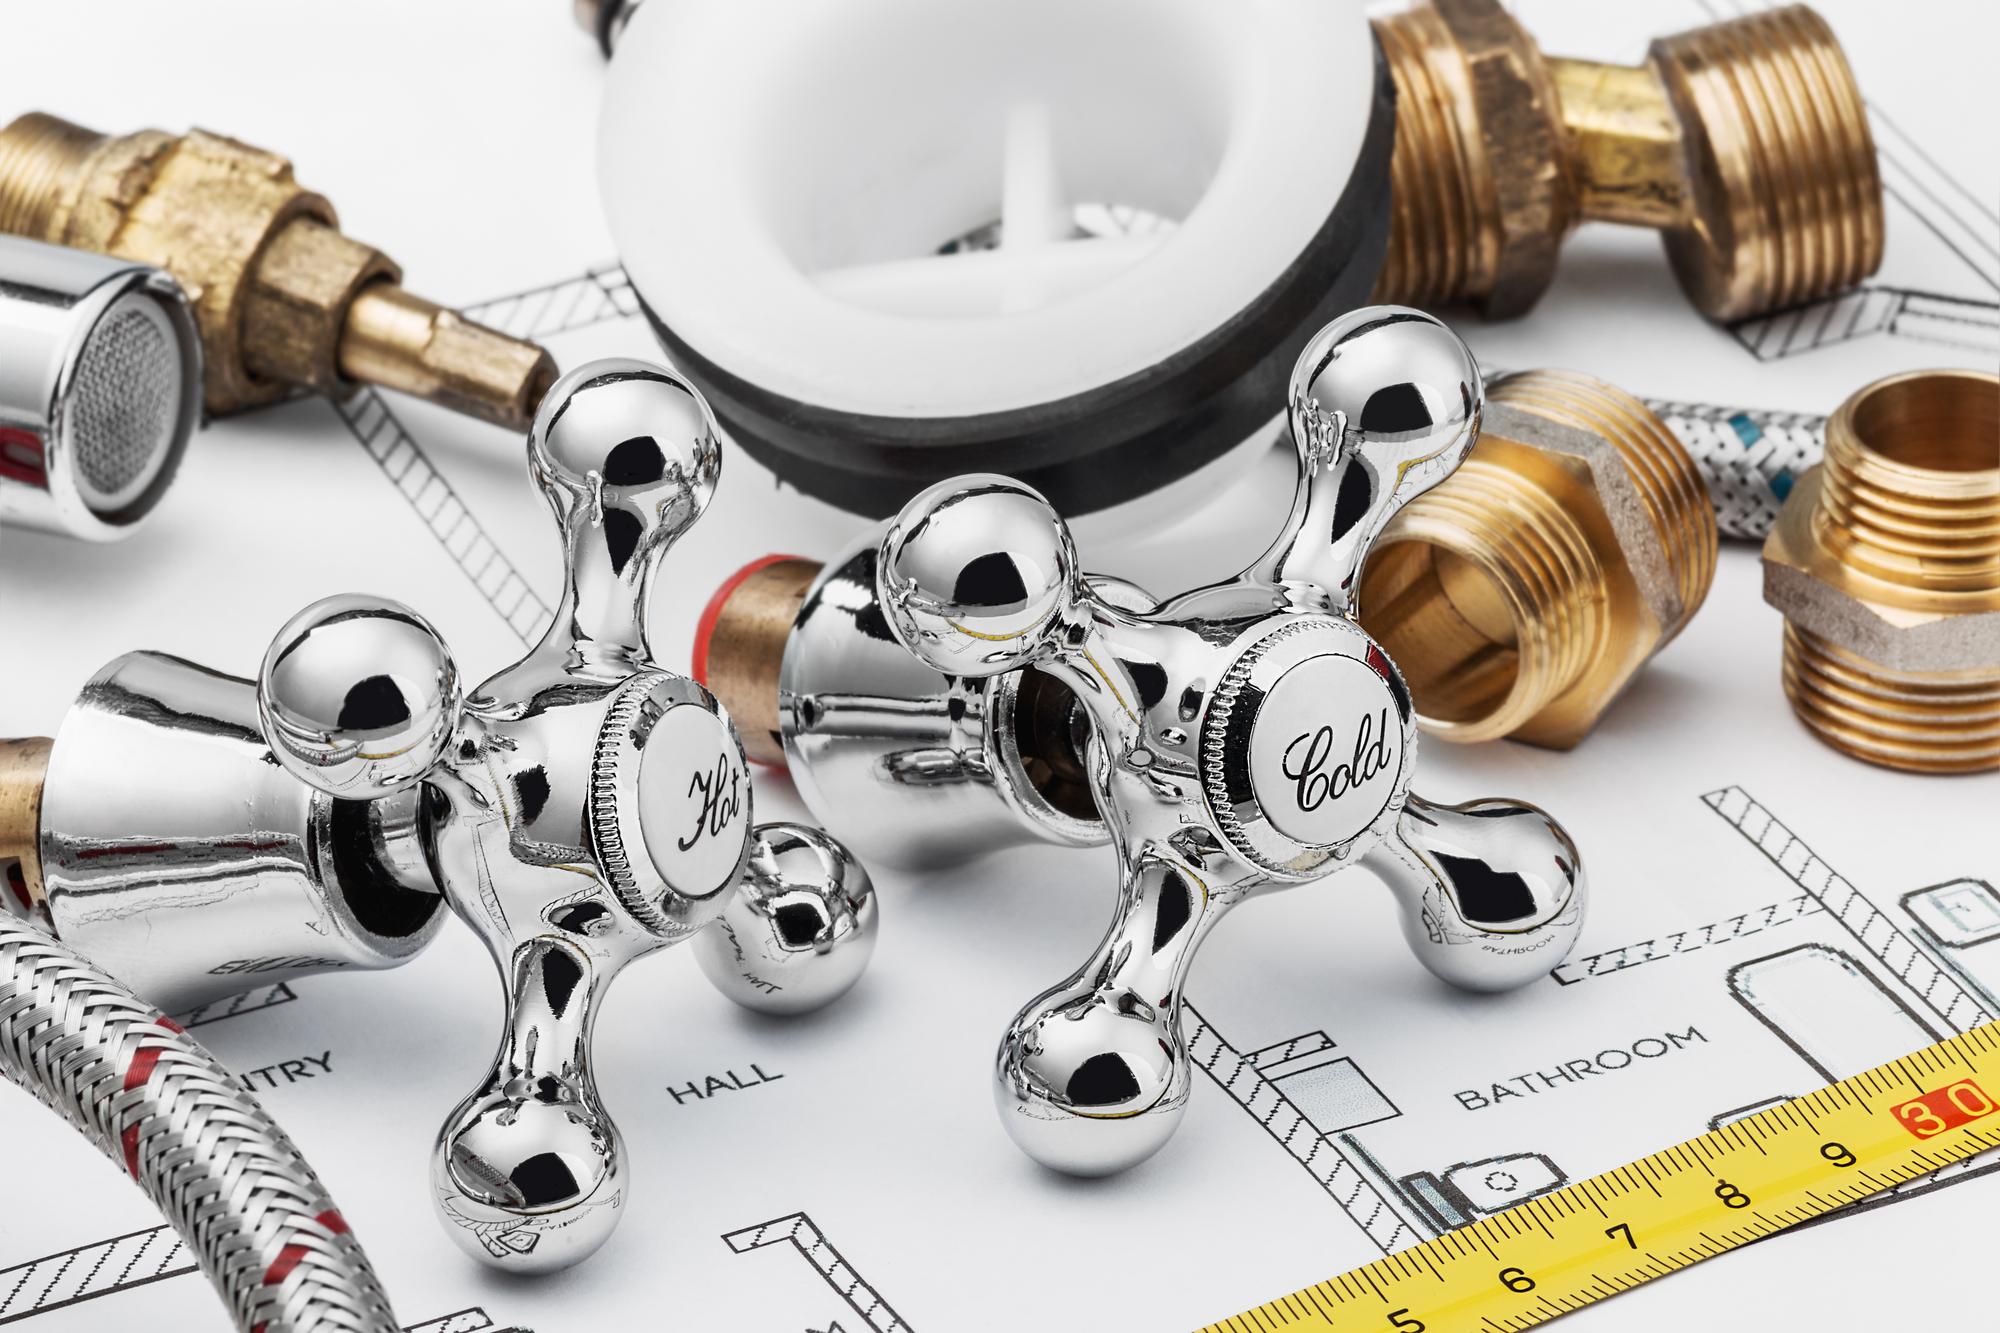 Opravy, montáže, rekonštrukcie vodovodných a kanalizačných rozvodov